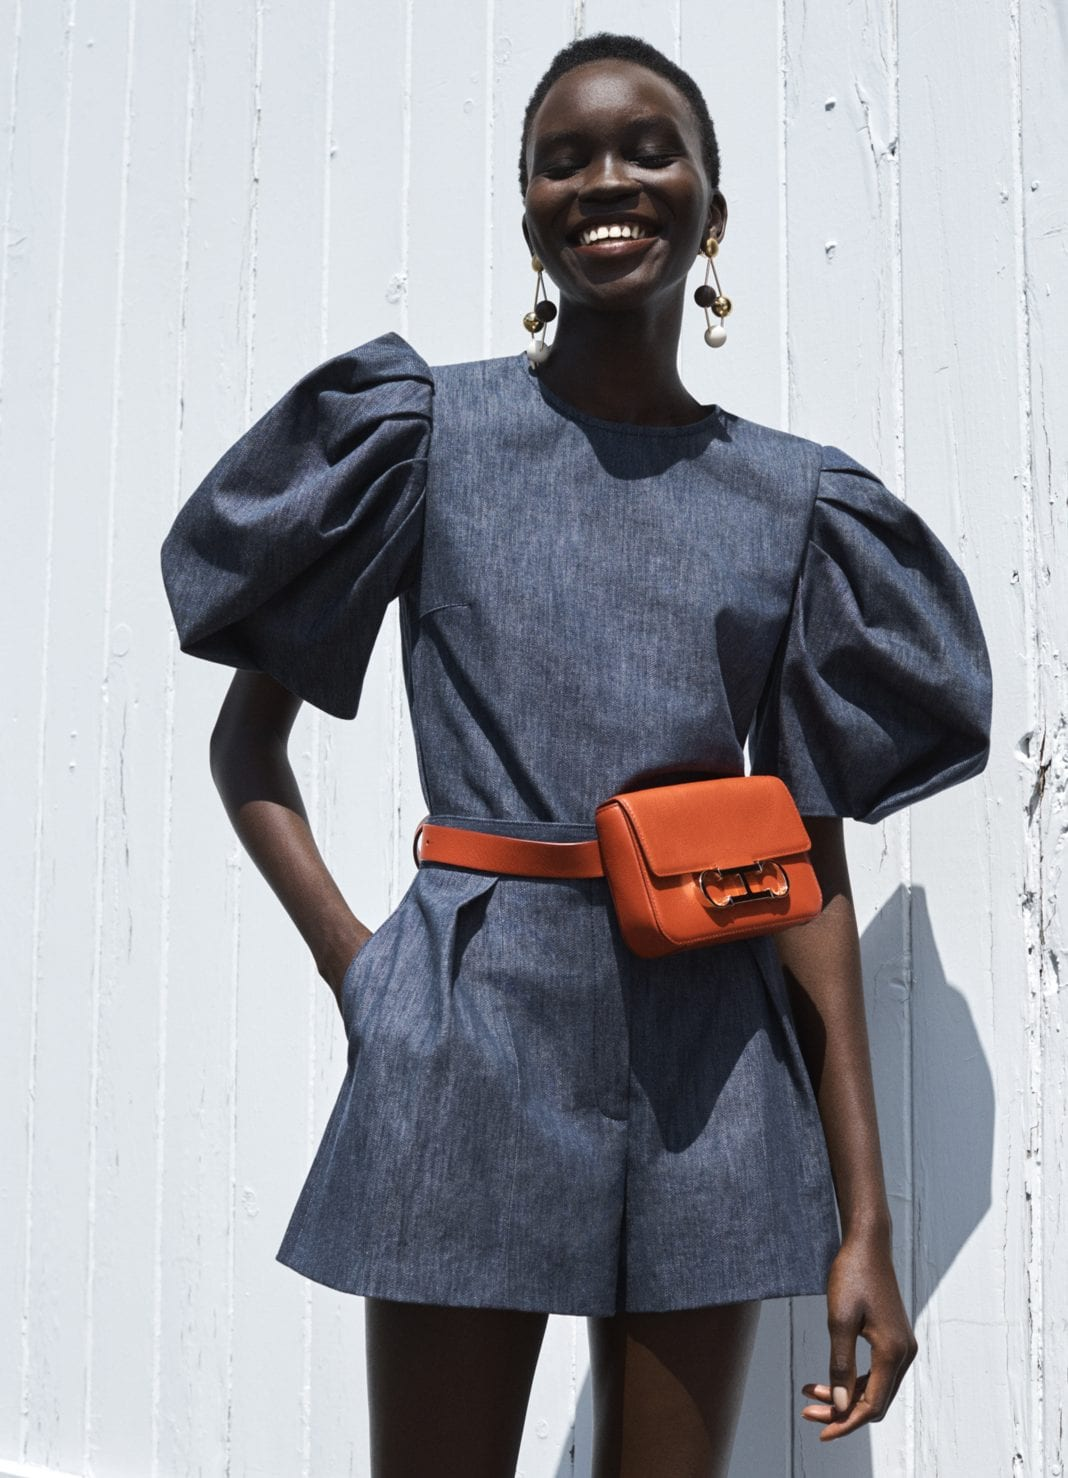 Οι belt bags είναι η απόλυτη τάση για την Άνοιξη και το Καλοκαίρι 2021